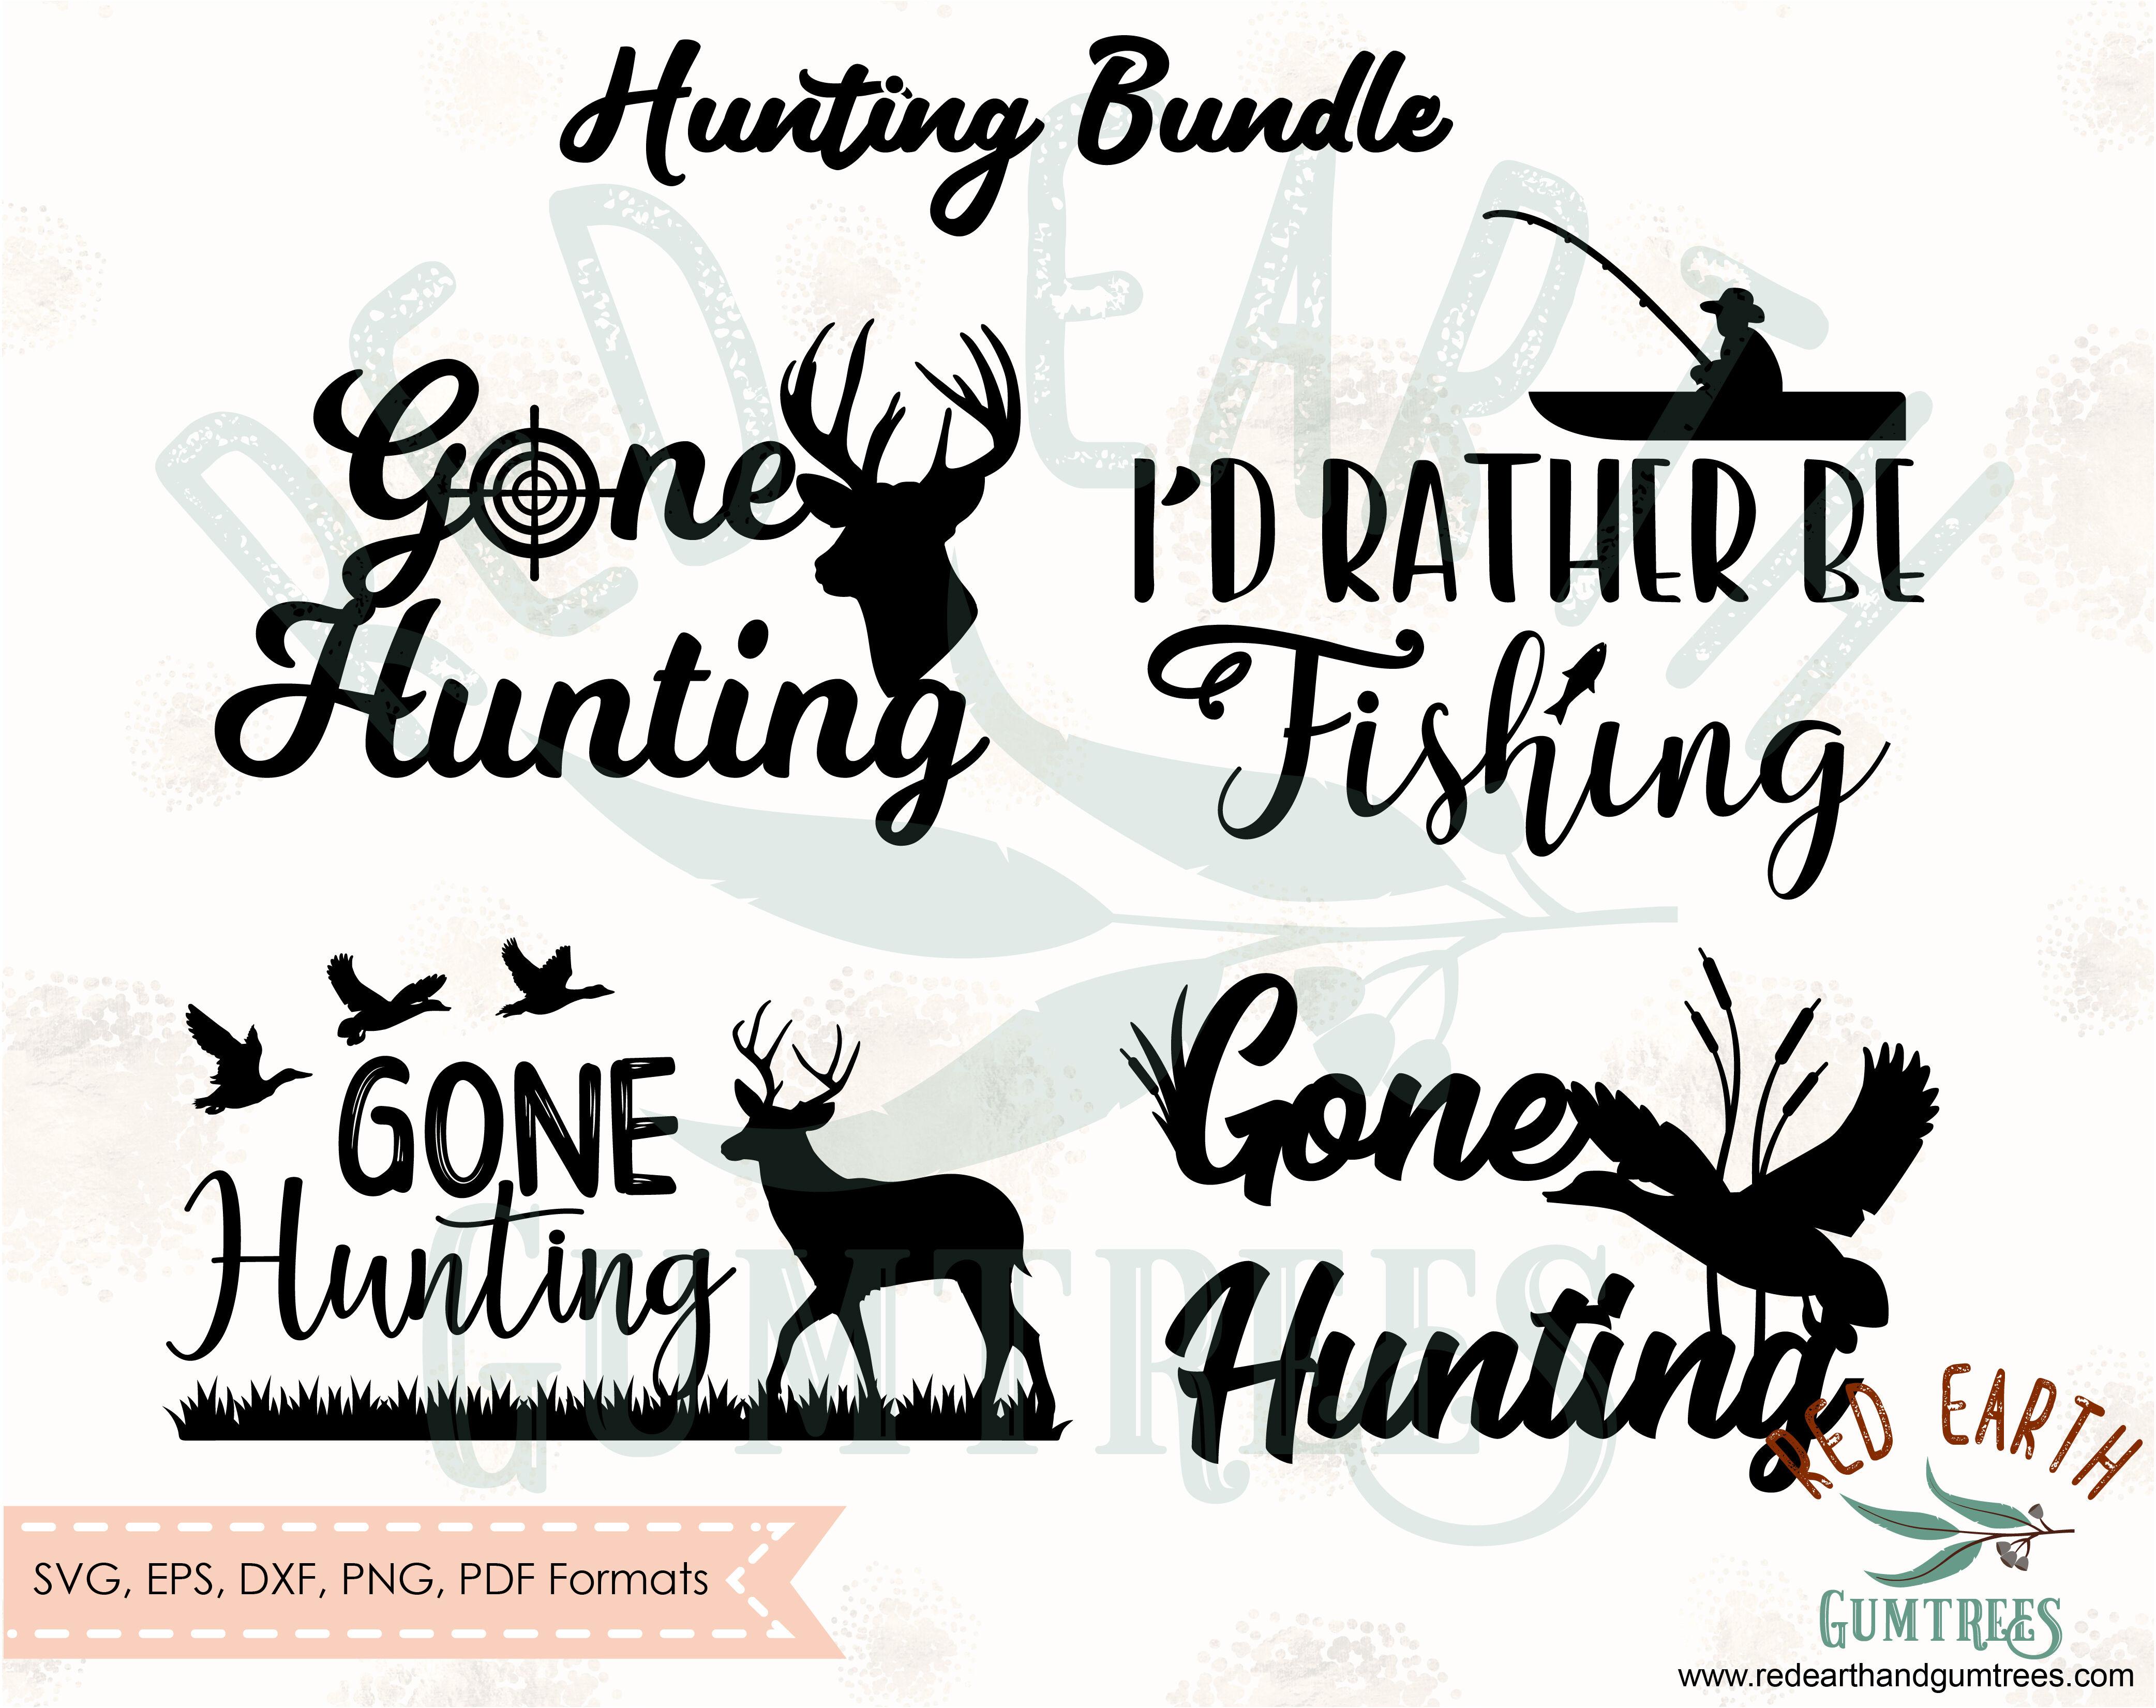 Gone Hunting Bundle Svg I D Rather Be Fishing Gone Duck Deer